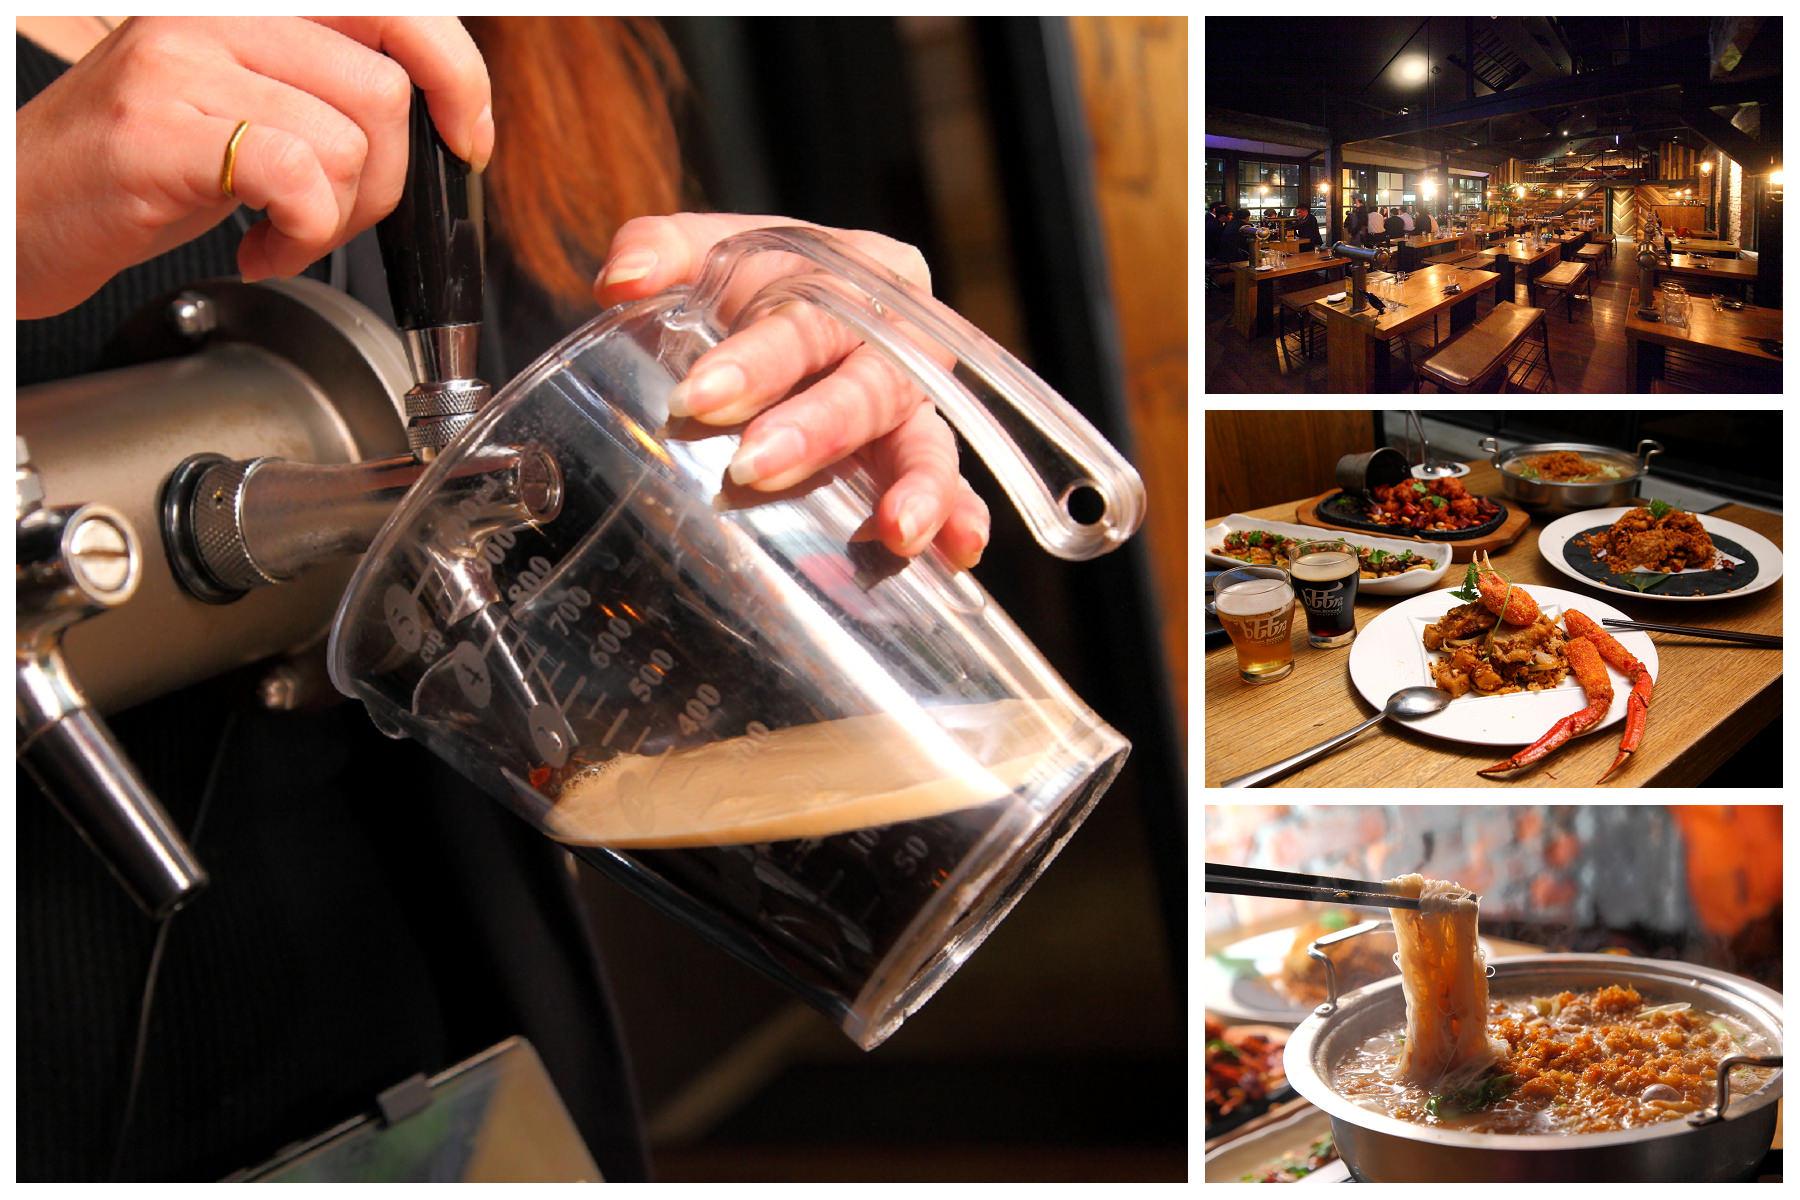 [台北松山]首創桌邊自助式拉霸啤酒機,想喝多少自己來!老台菜新吃法,主廚創意新台菜!啤調客 Beeru